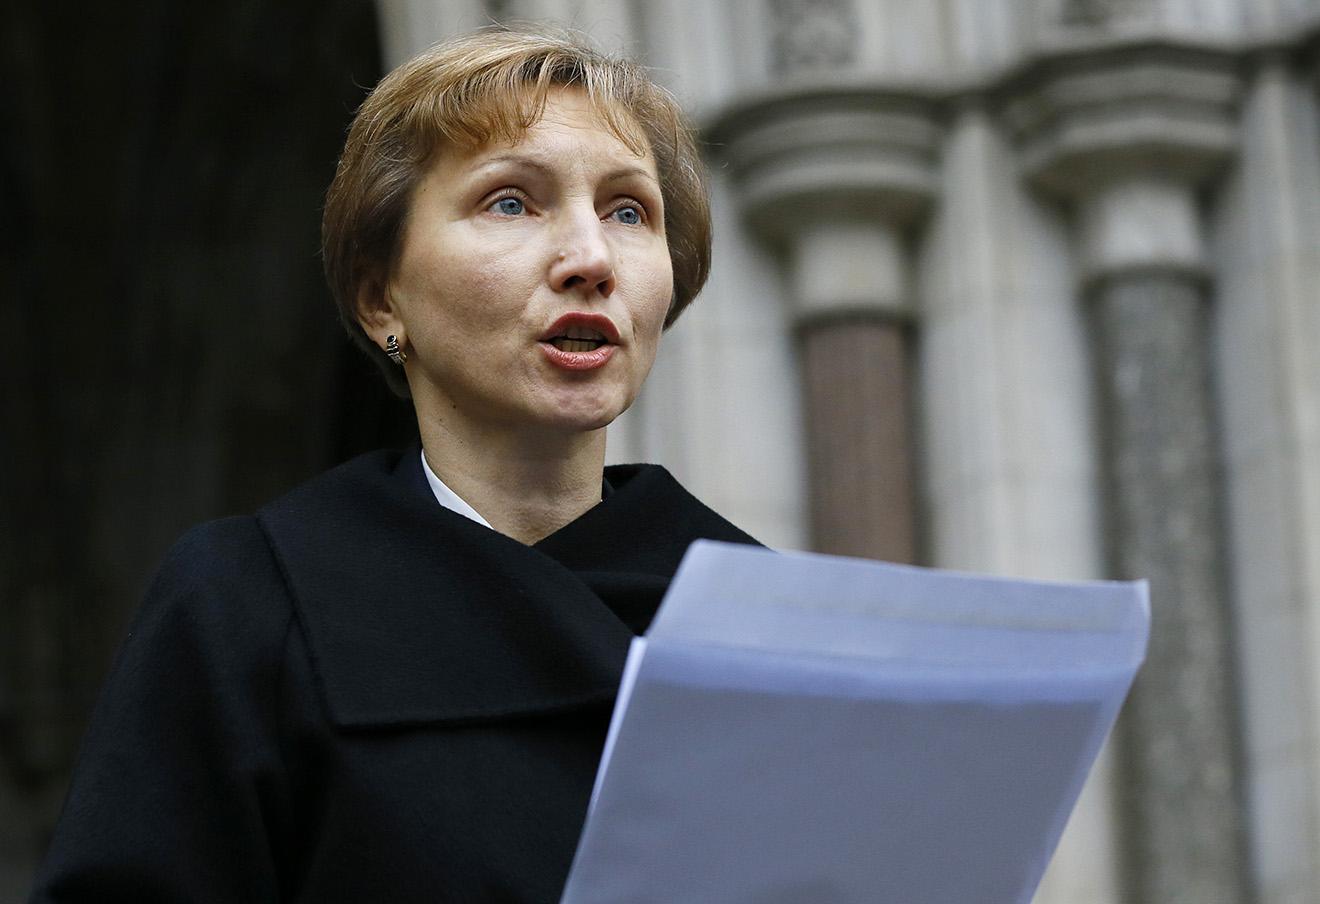 Марина Литвиненко зачитывает свое заявлении около Королевского суда в Лондоне, 21 января 2016 года.